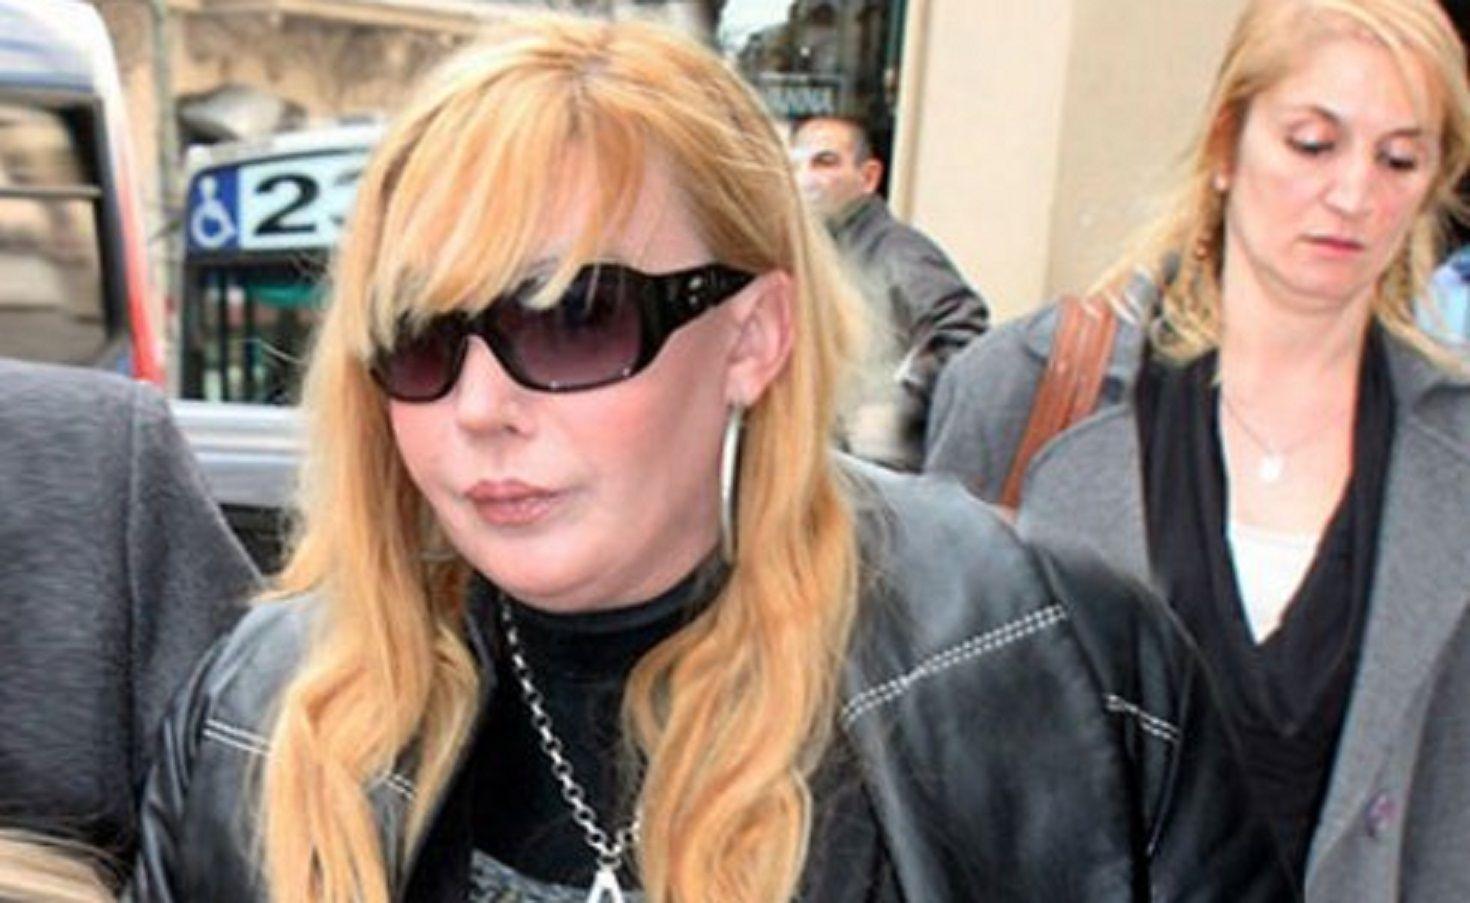 Giselle Rímolo podría volver a la cárcel: confirmaron su condena de 9 años